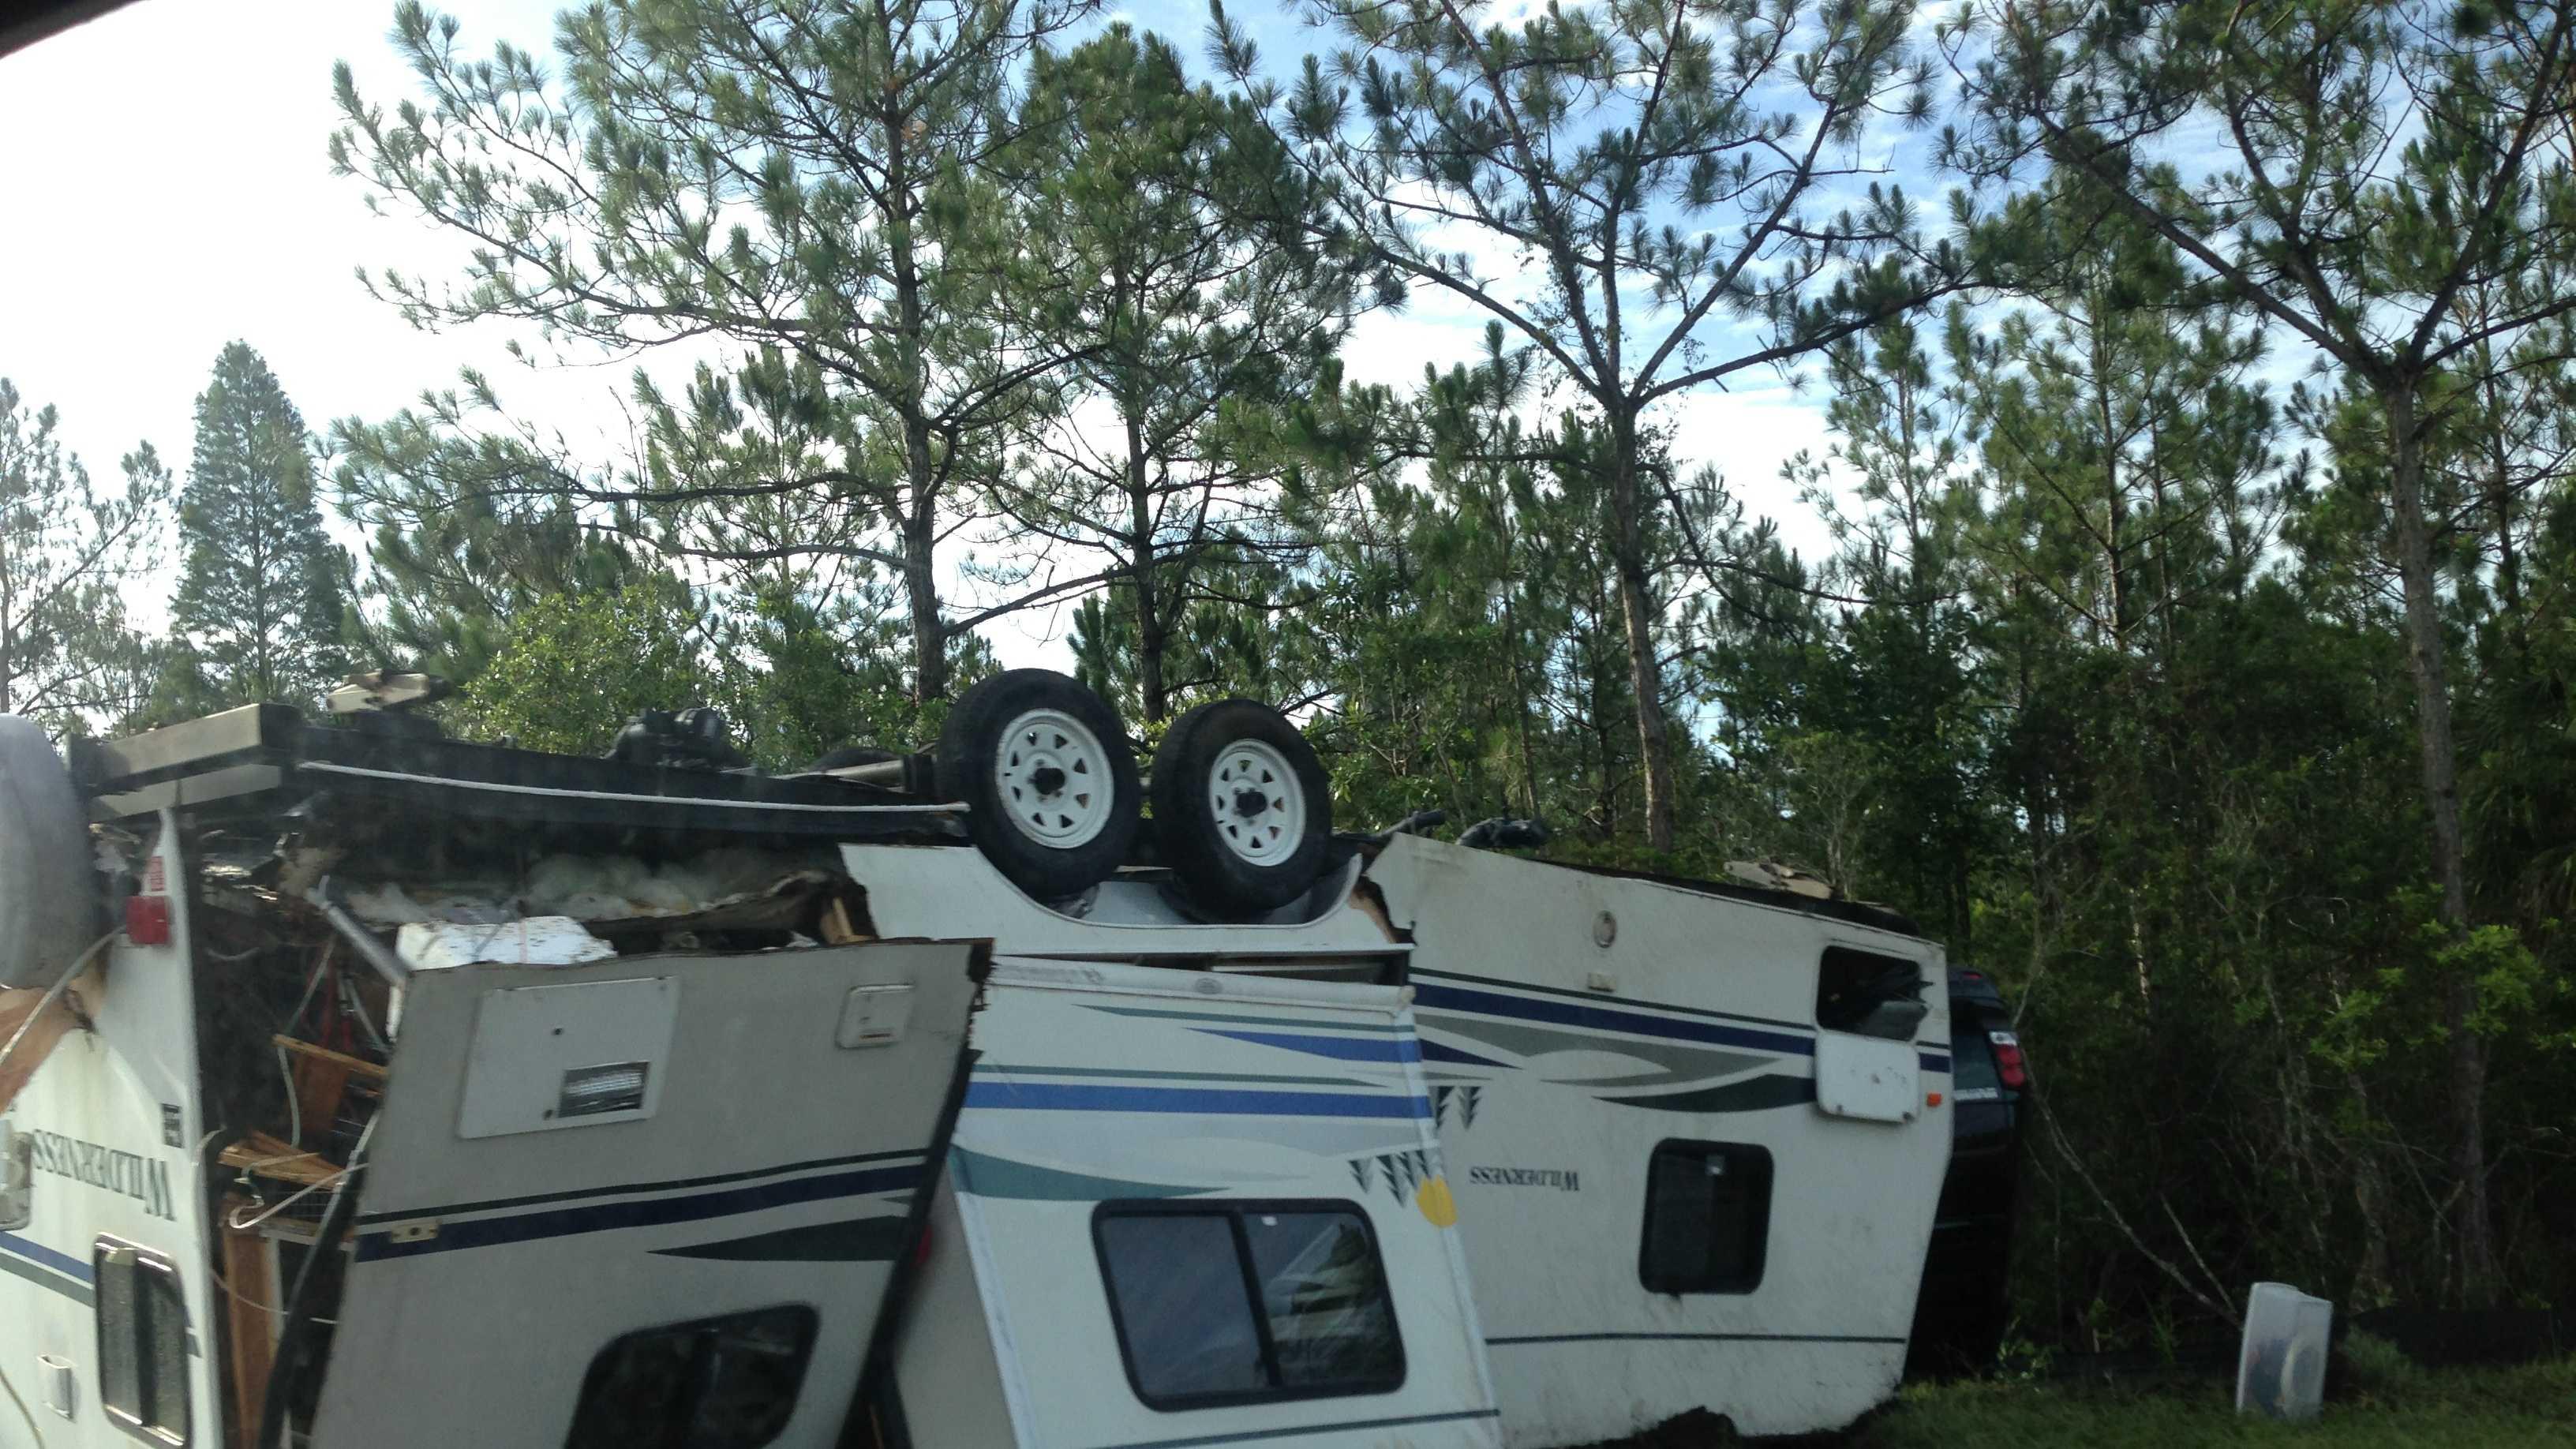 Camper turns over - u local